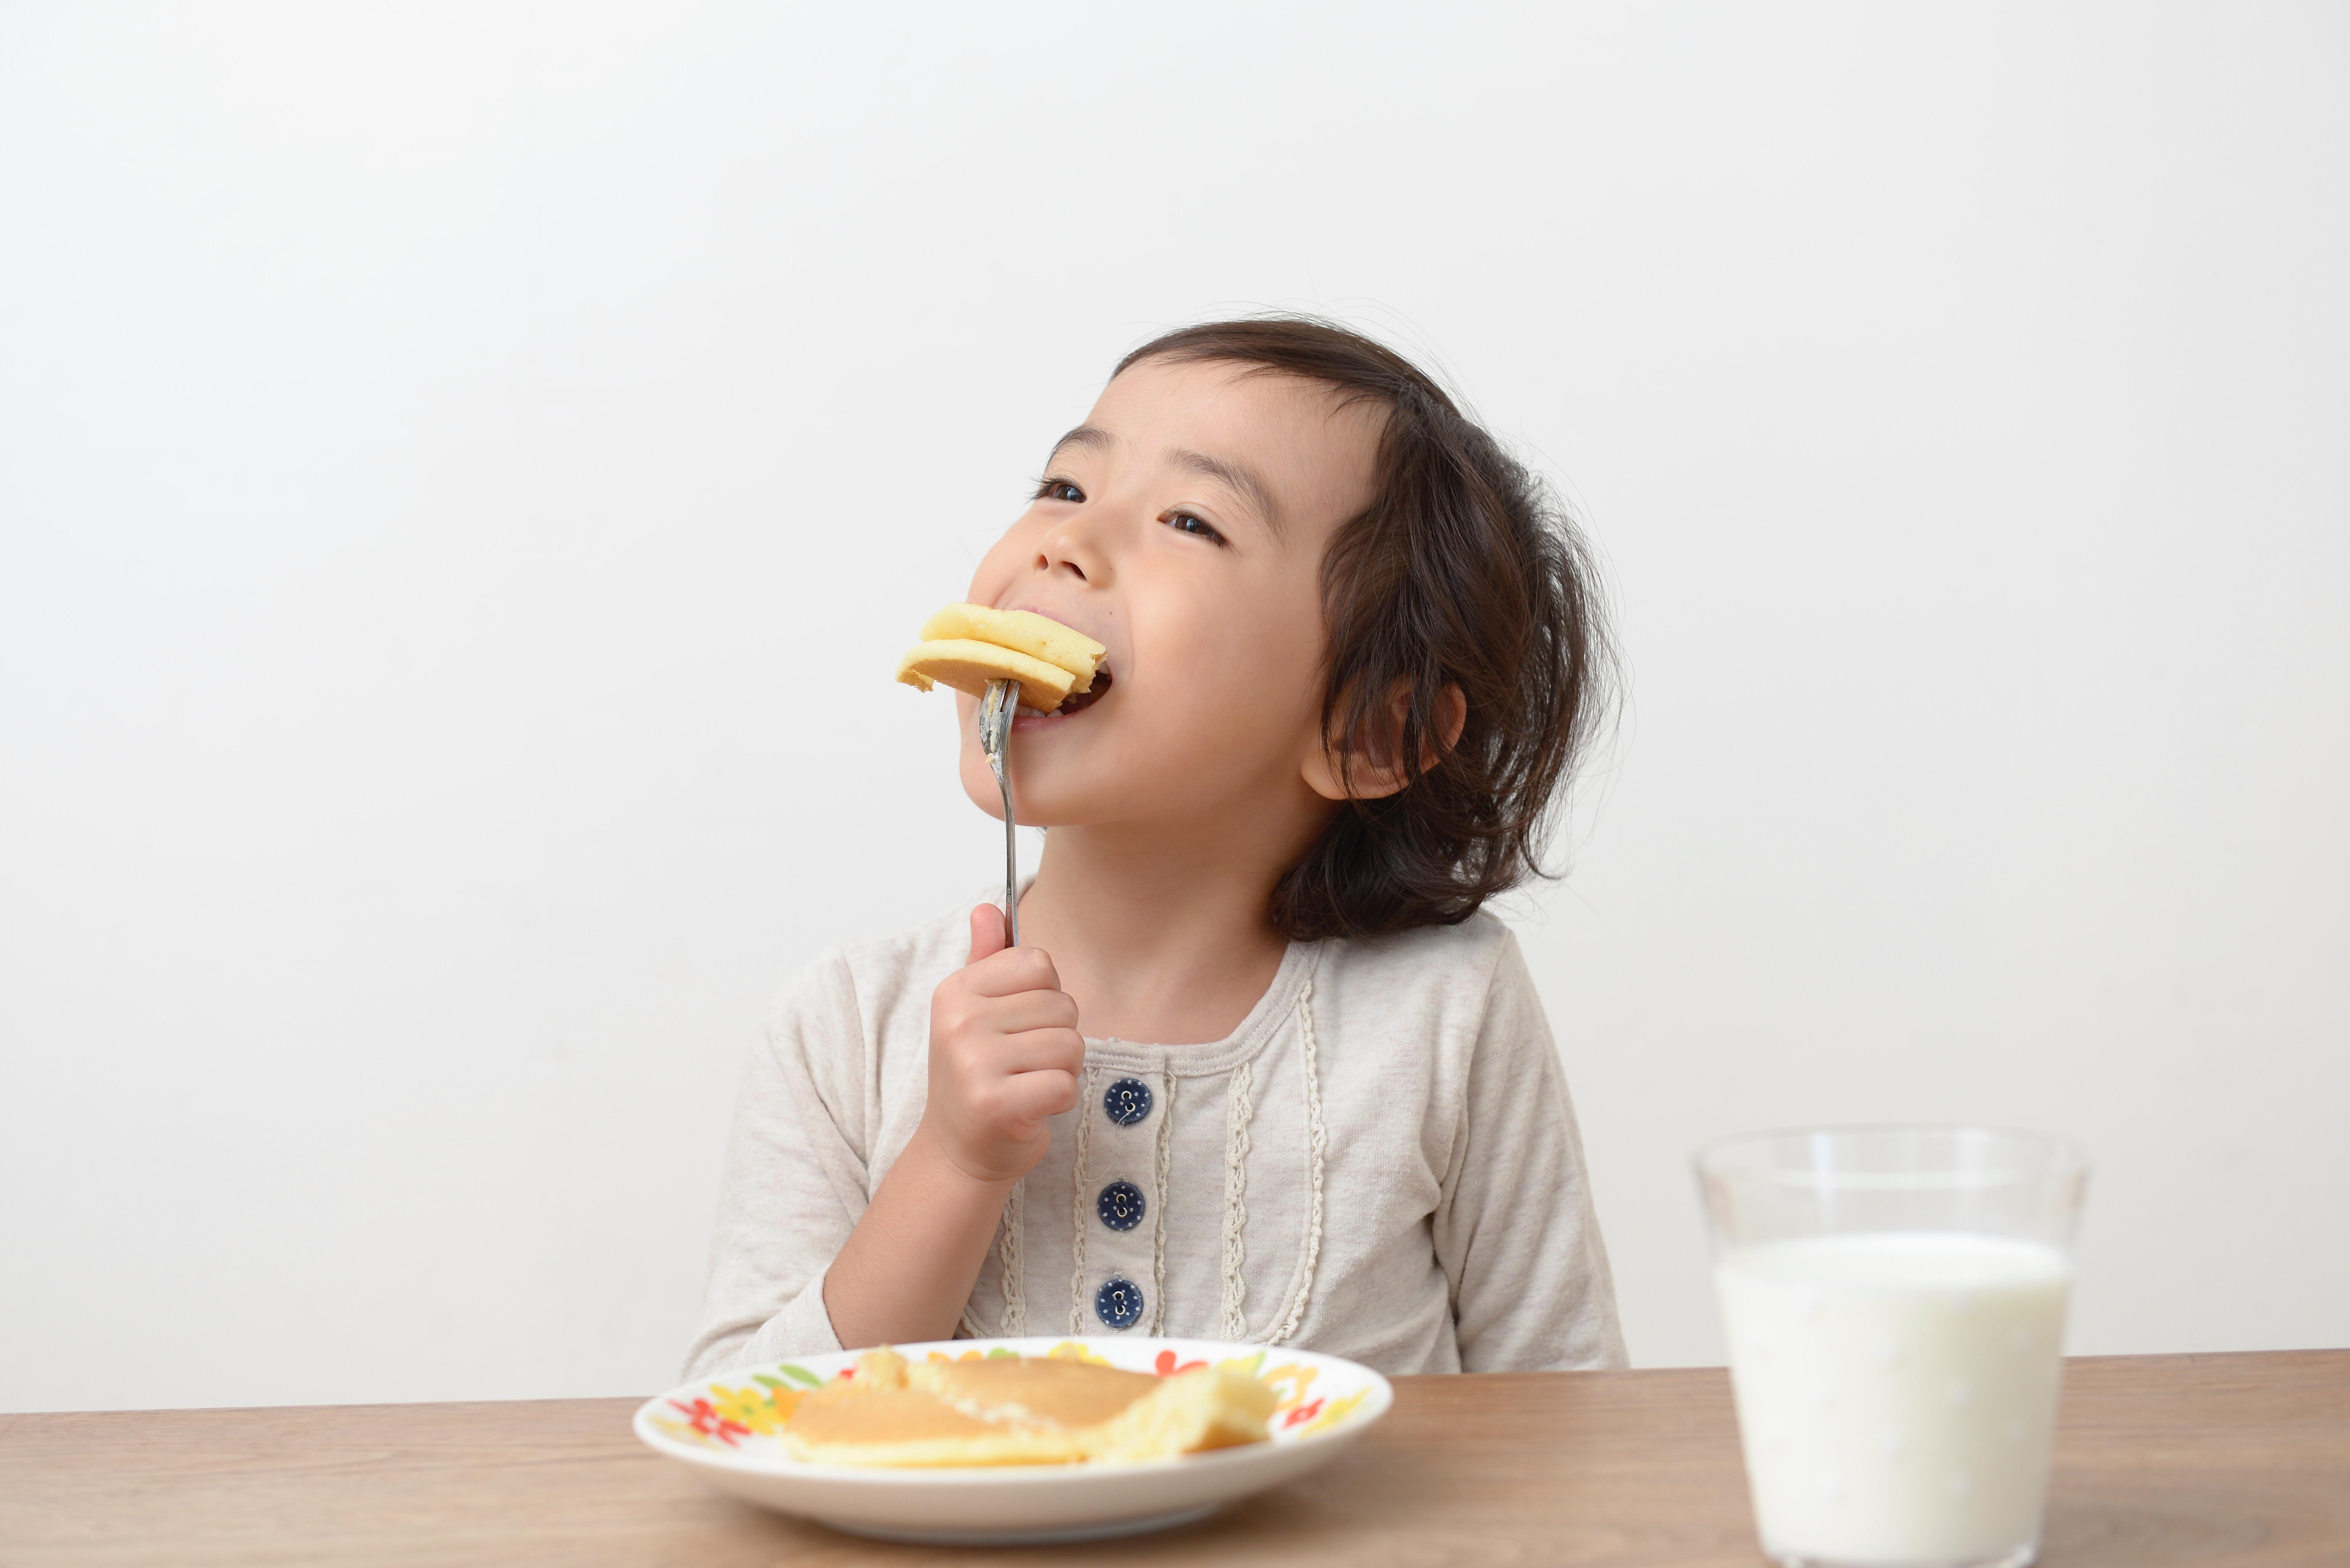 ホットケーキ食べる子ども.jpg